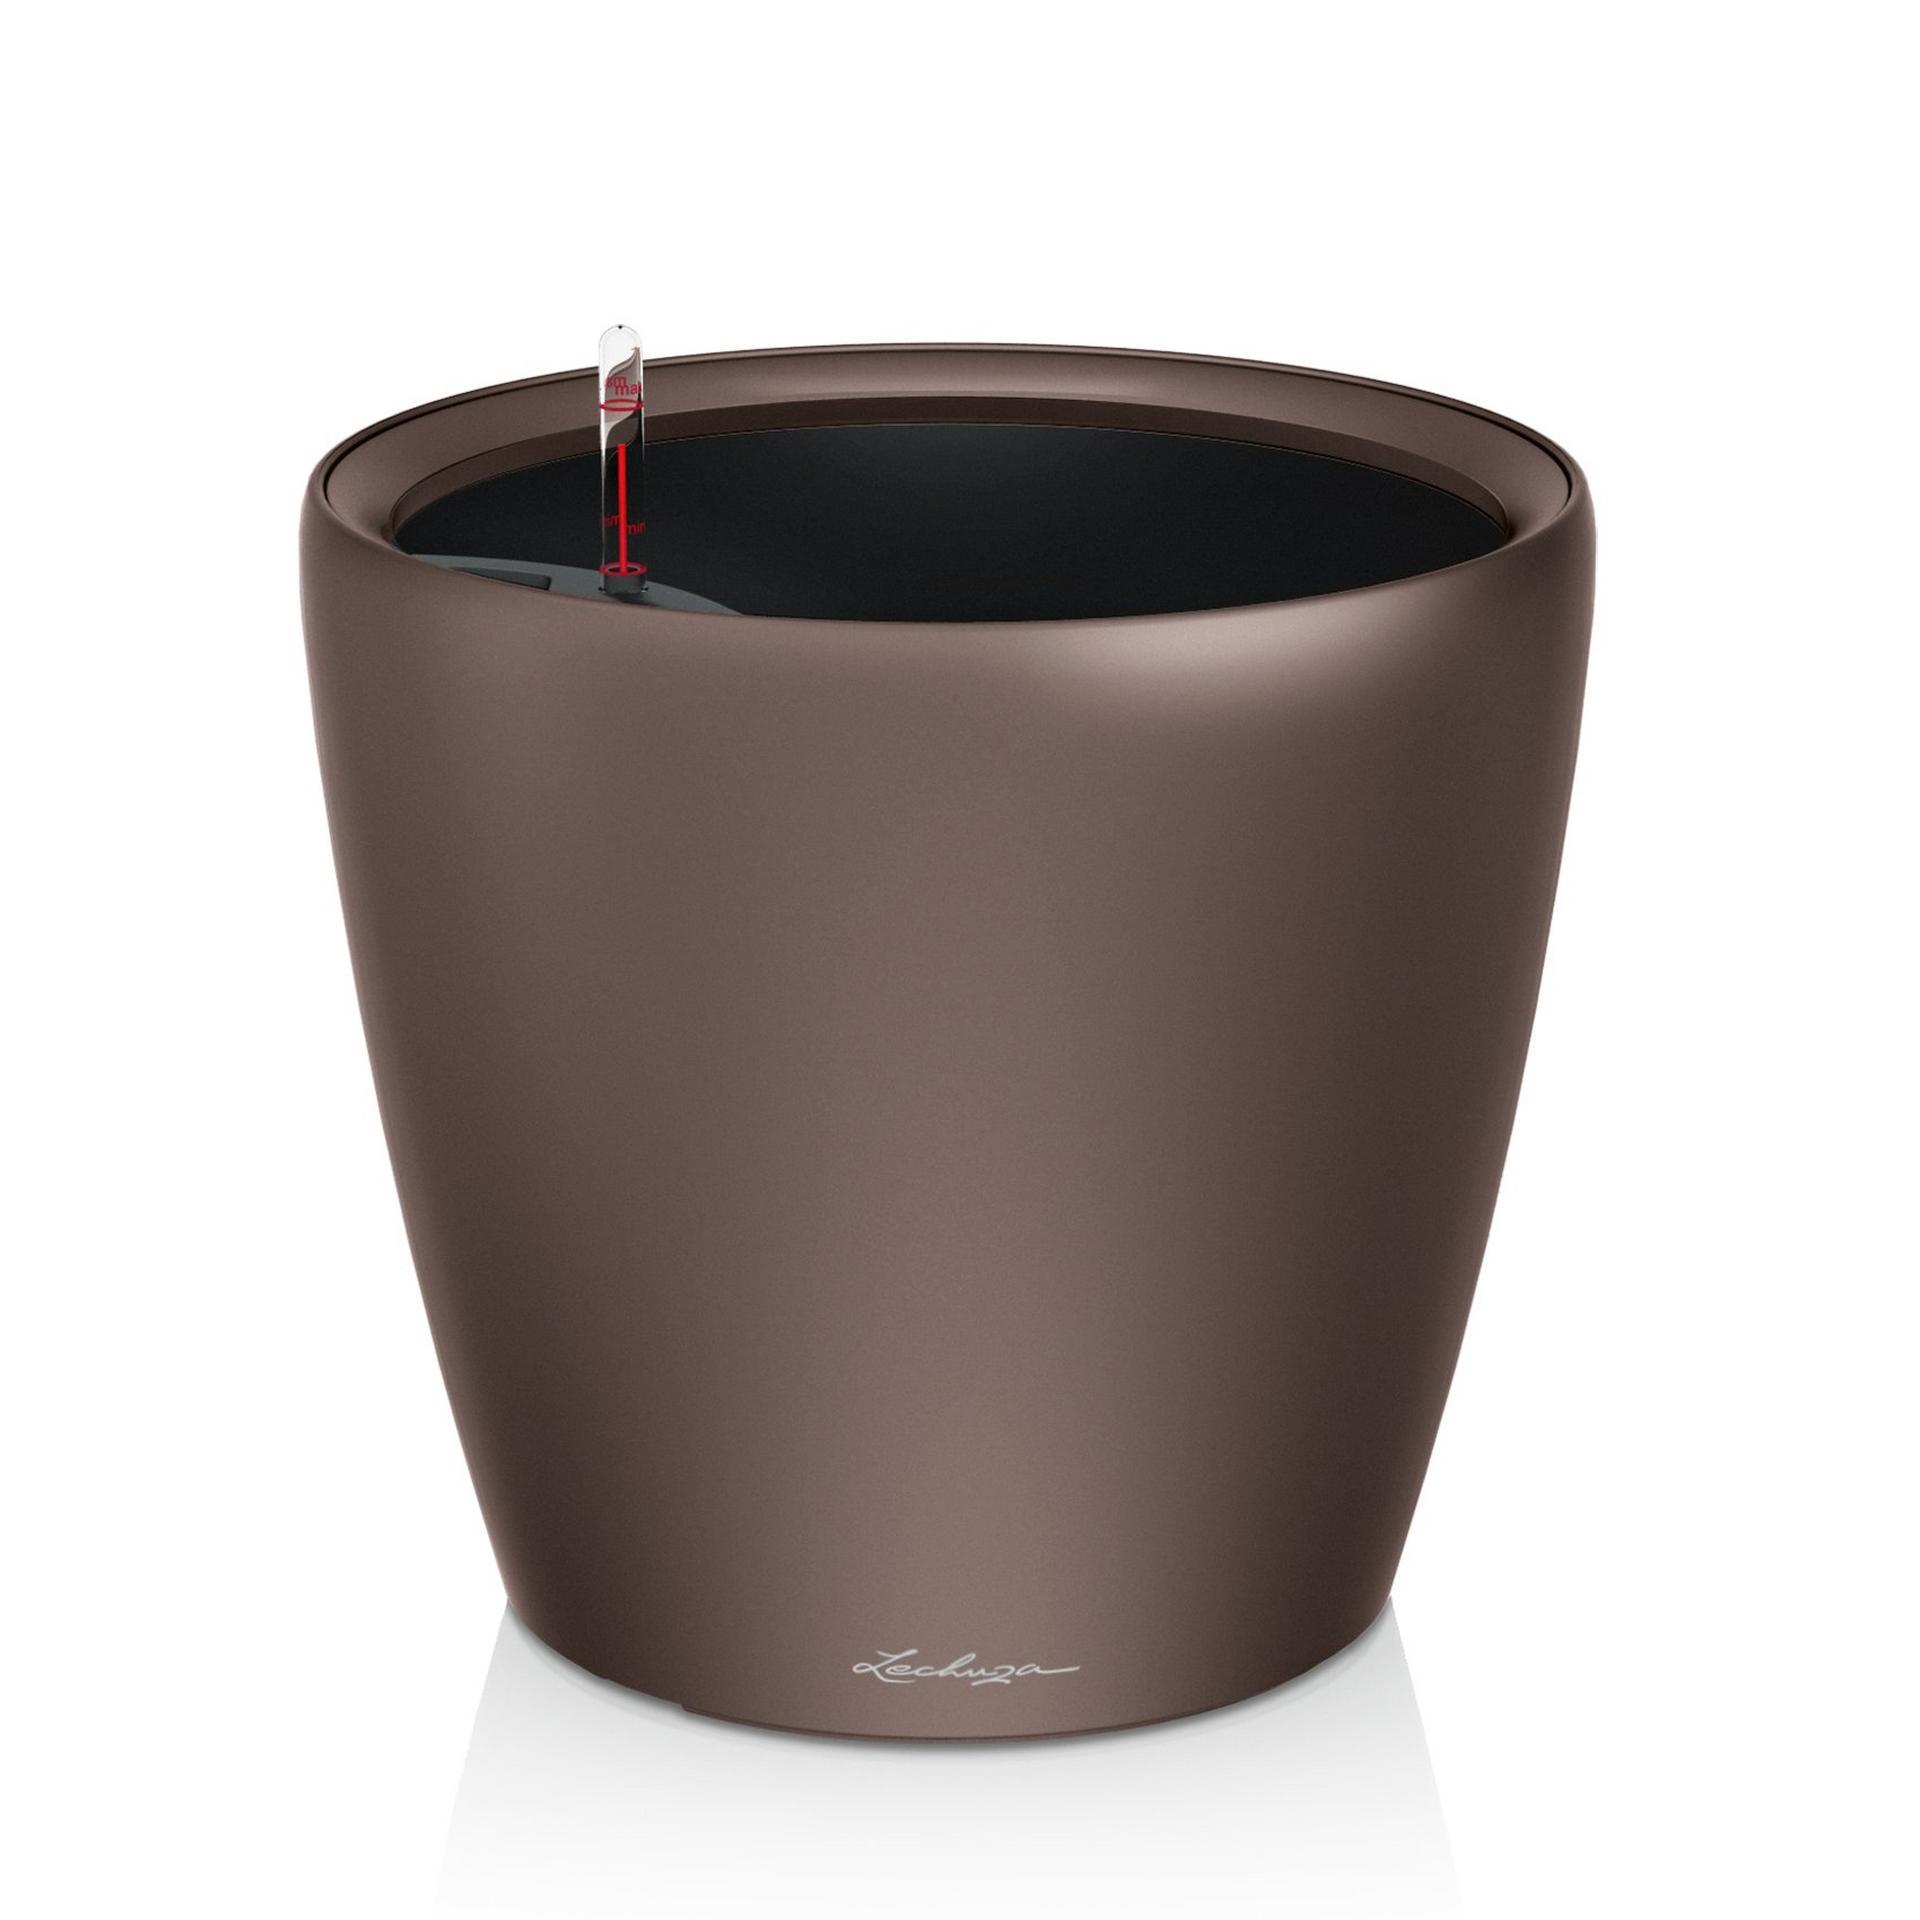 CLASSICO LS 43 espresso metallic